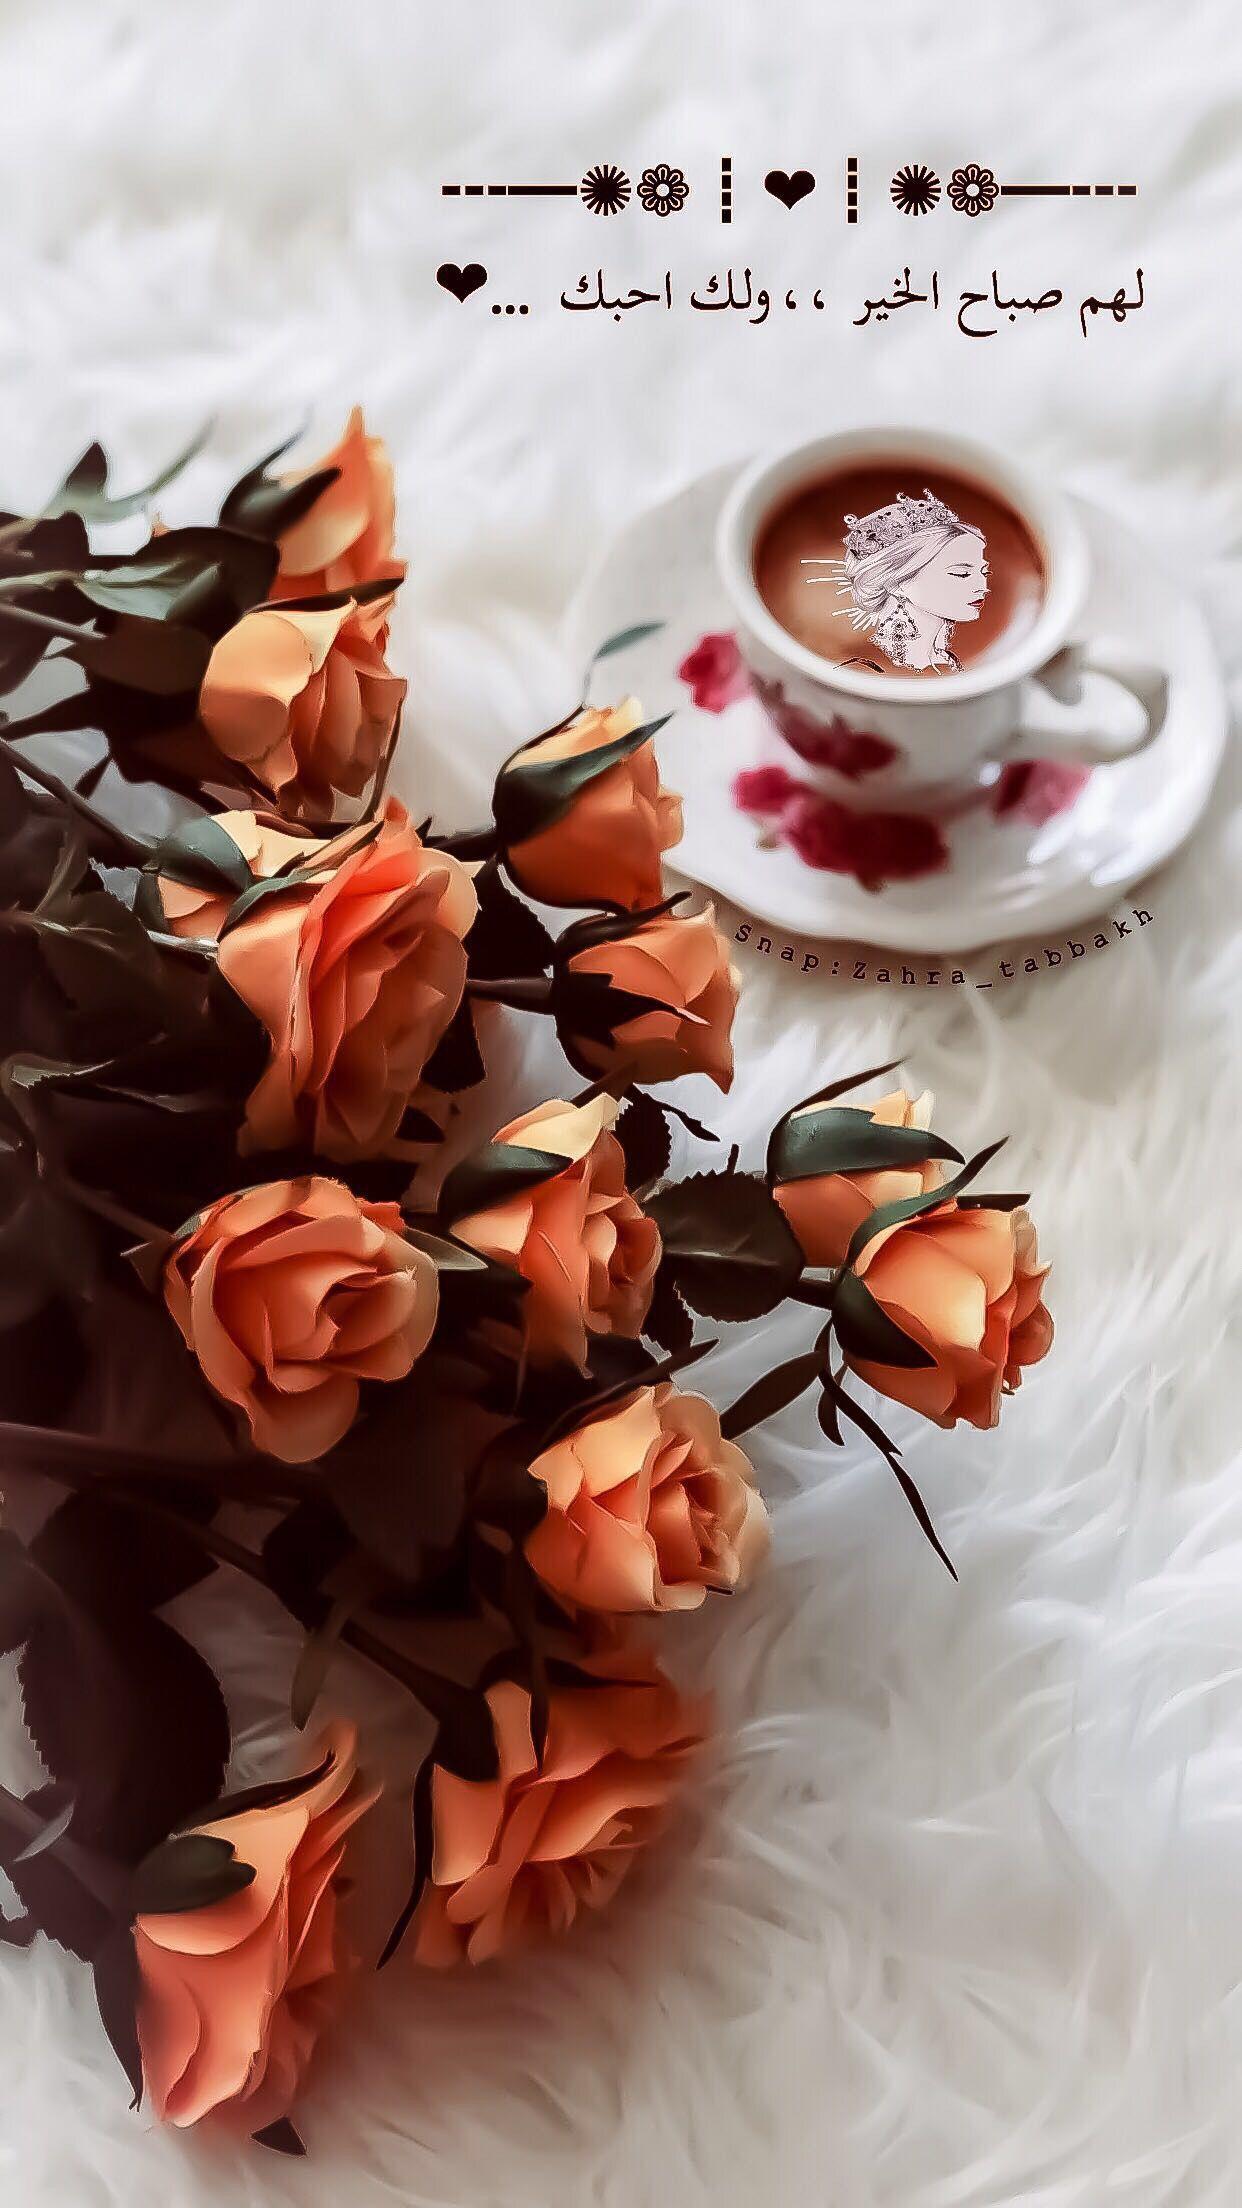 اقتباسات خواطر كلام جميل كلماتي قهوتي قهوة الصباح قهوة Morning Love Quotes Iphone Wallpaper Quotes Love Good Morning My Love